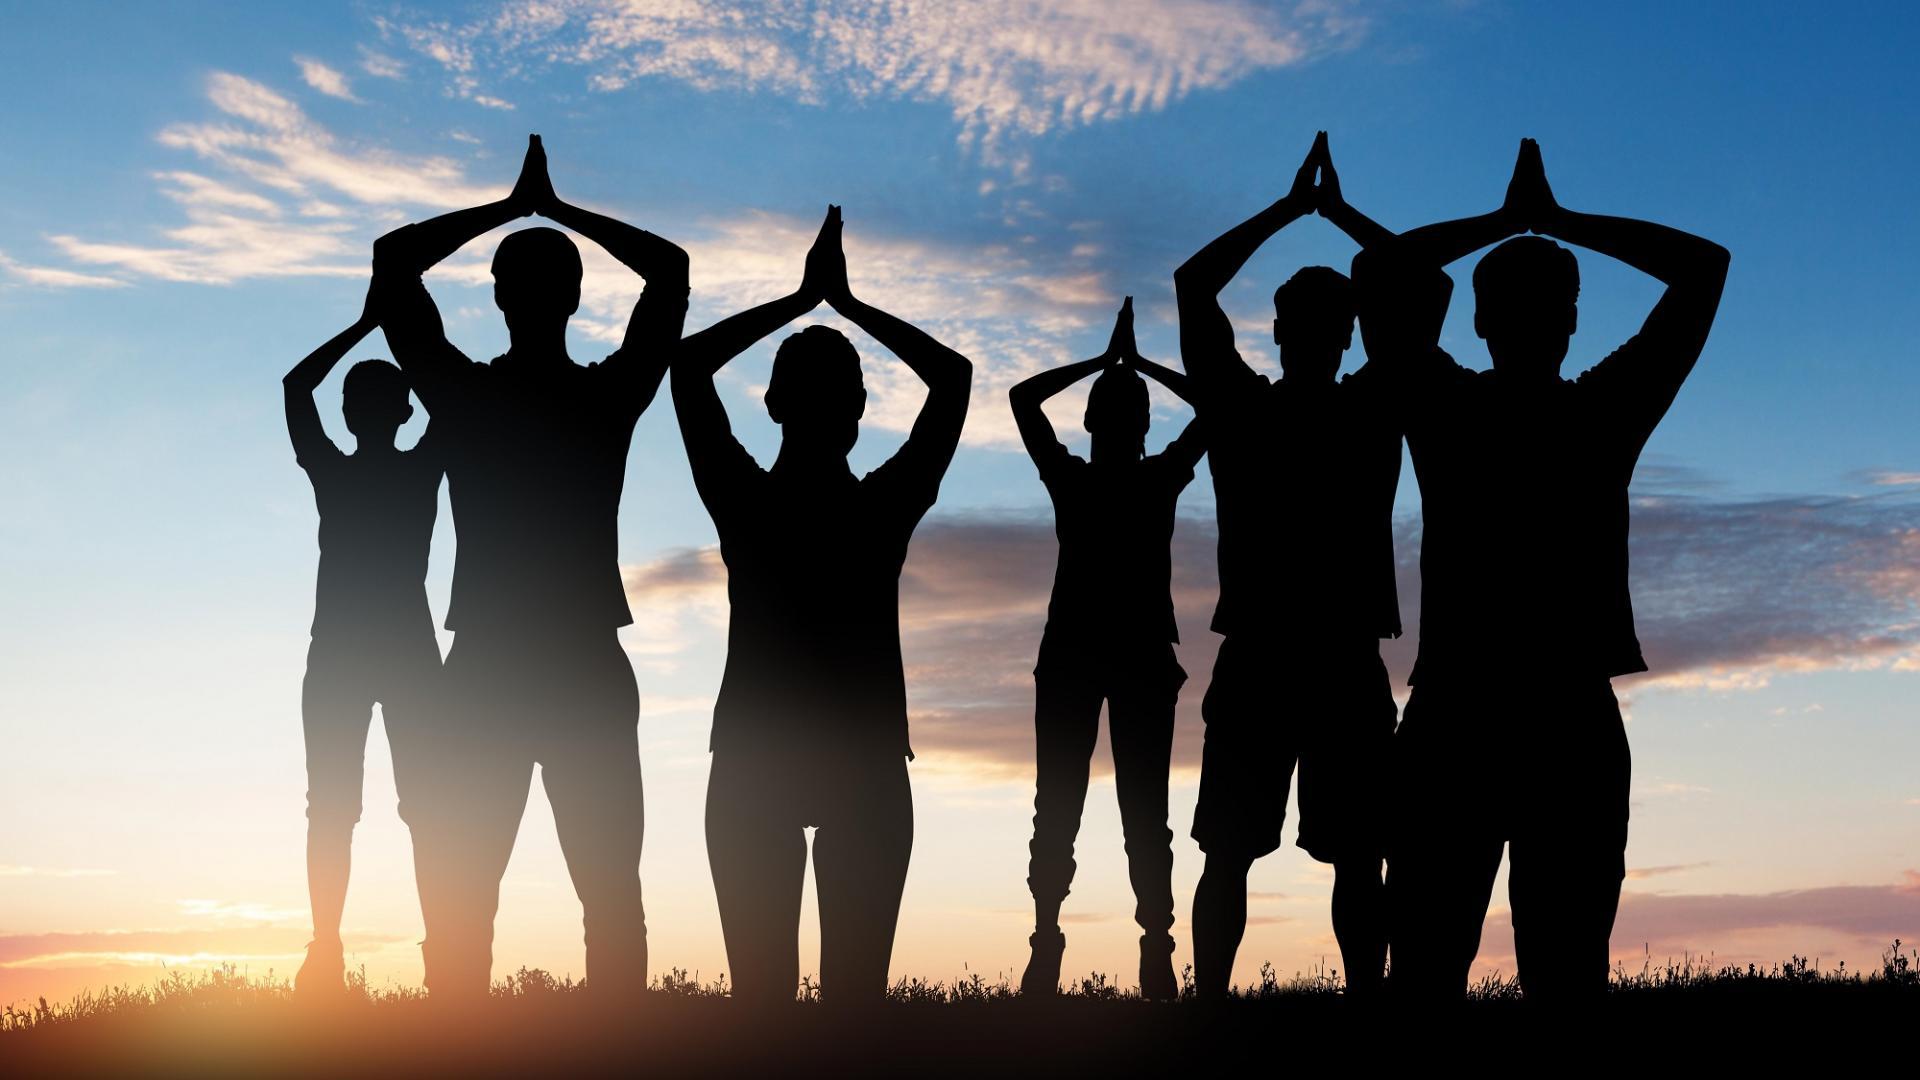 Sillhouette von Menschen die Yoga machen